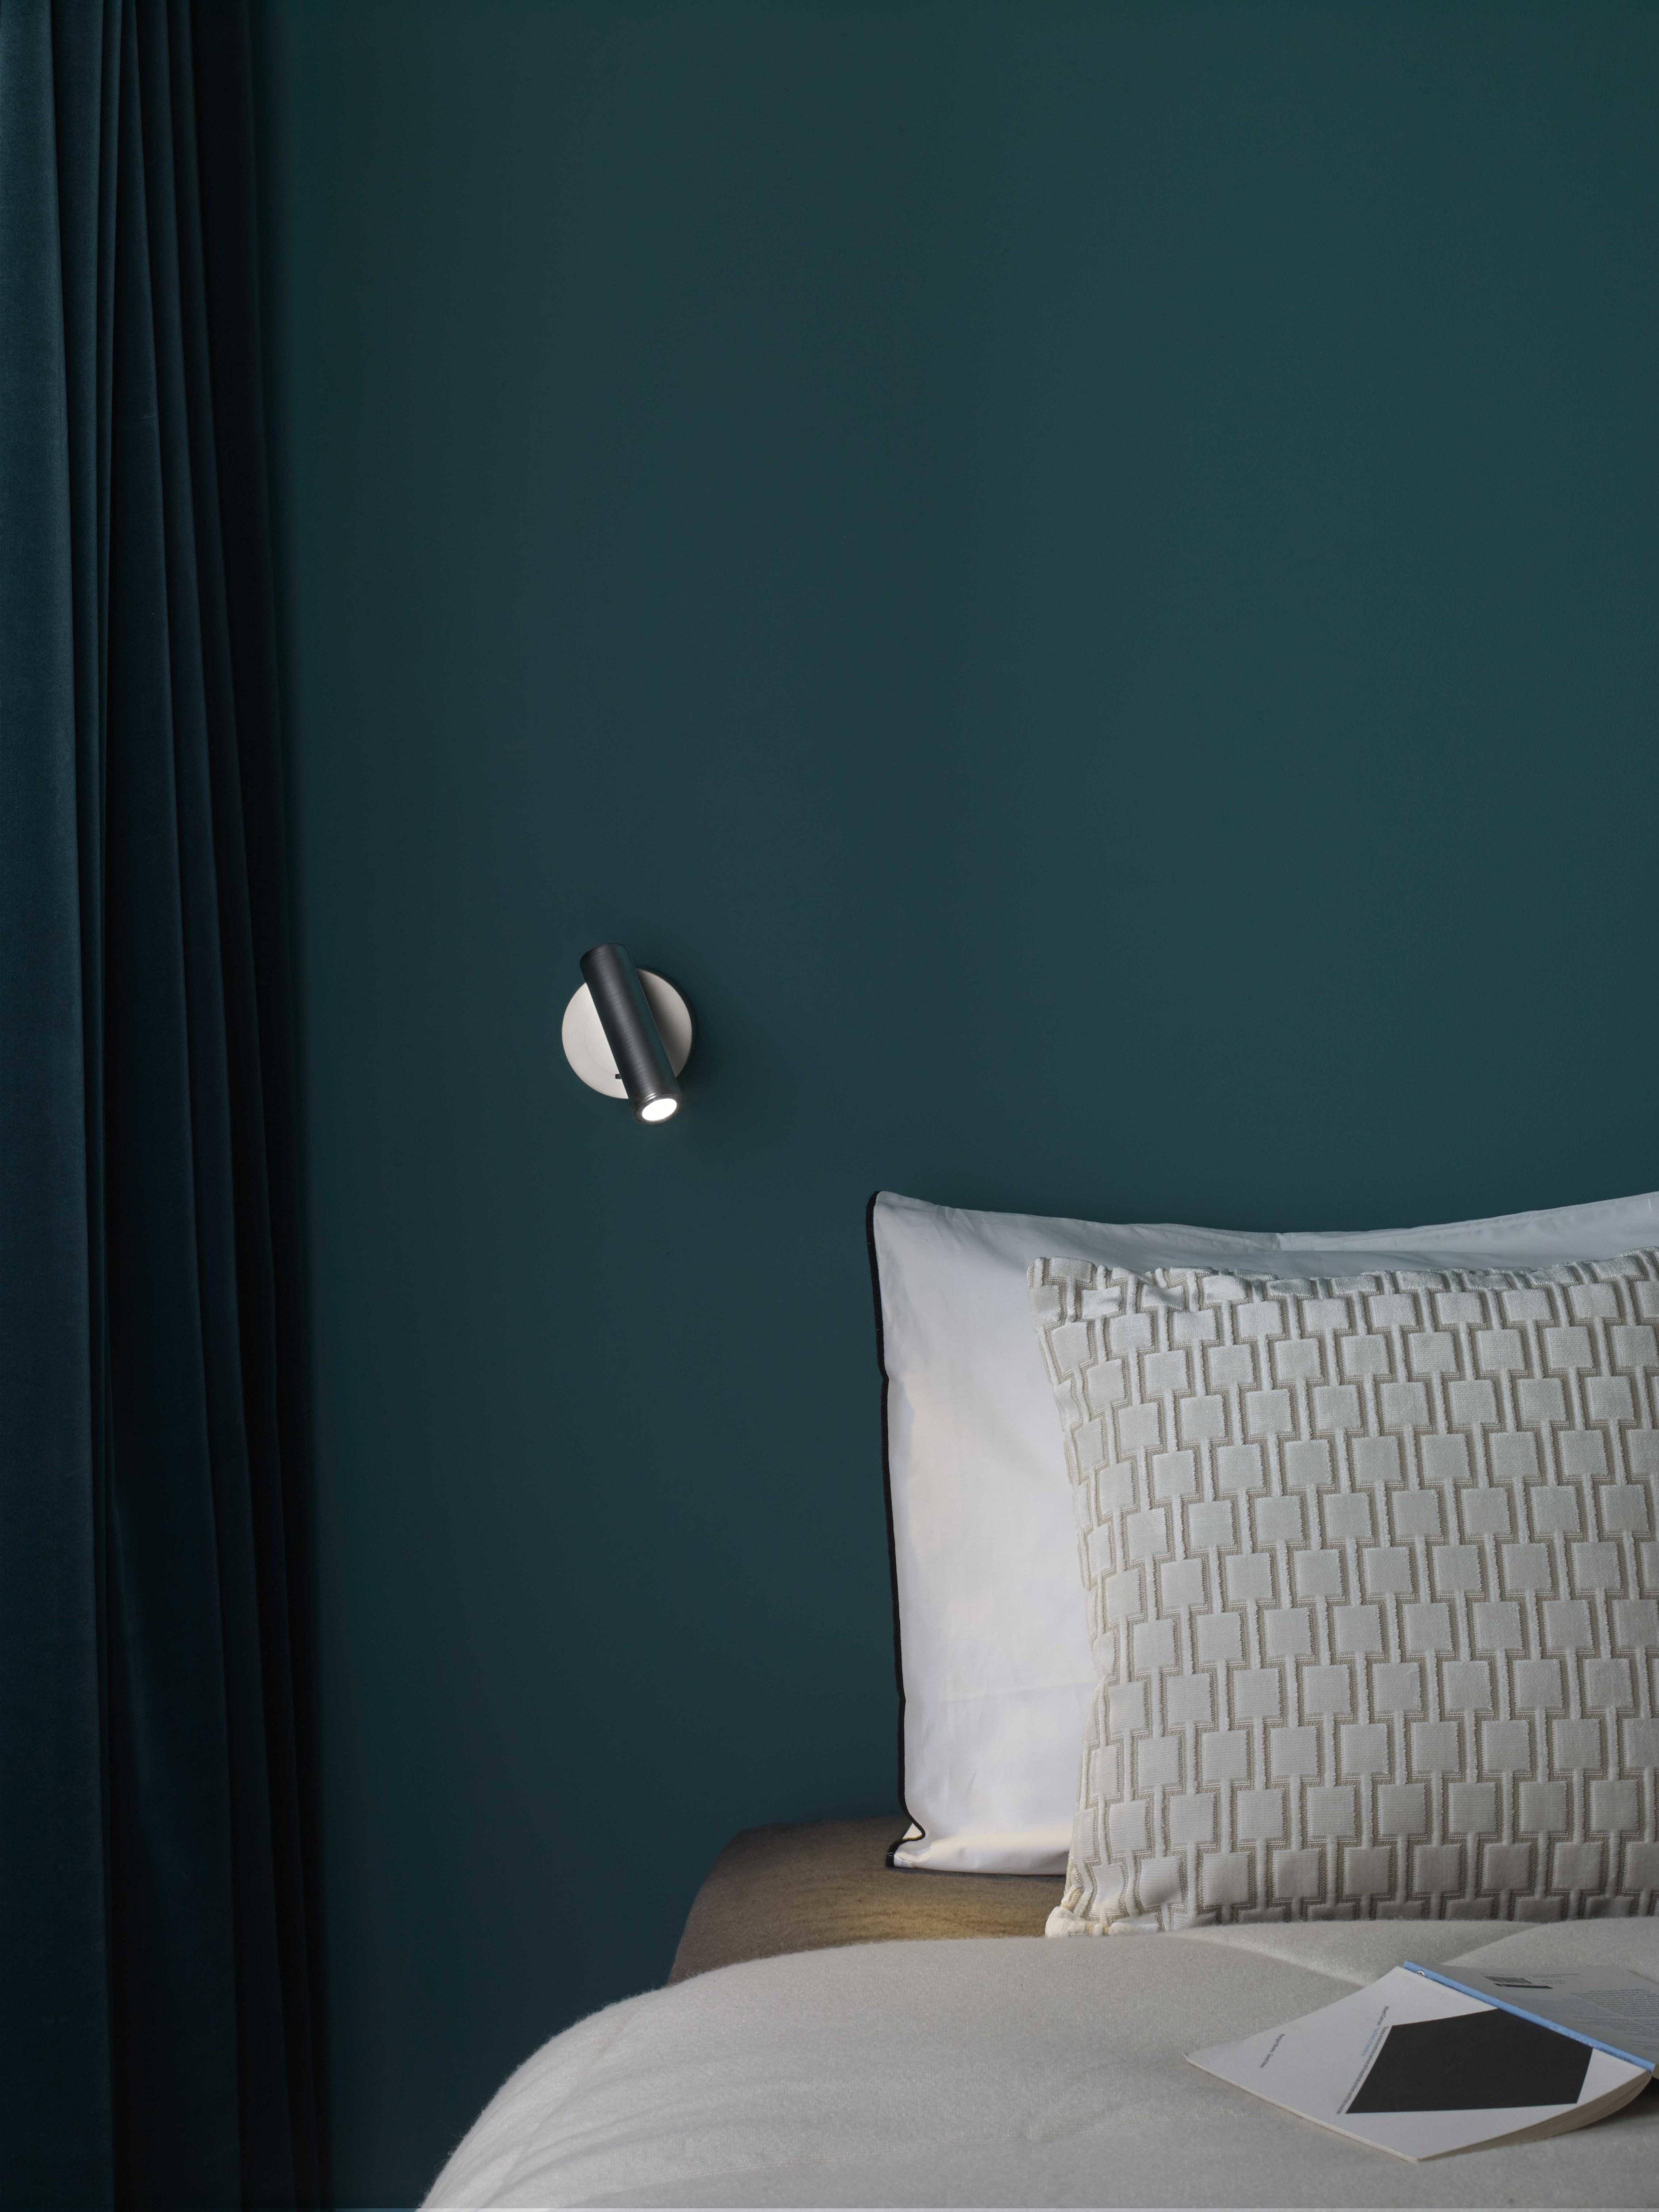 Настенный светодиодный светильник с регулировкой направления света Astro Enna LED 1058013 (7357), LED 4,47W 2700K 111.44lm CRI80, никель, металл - фото 3